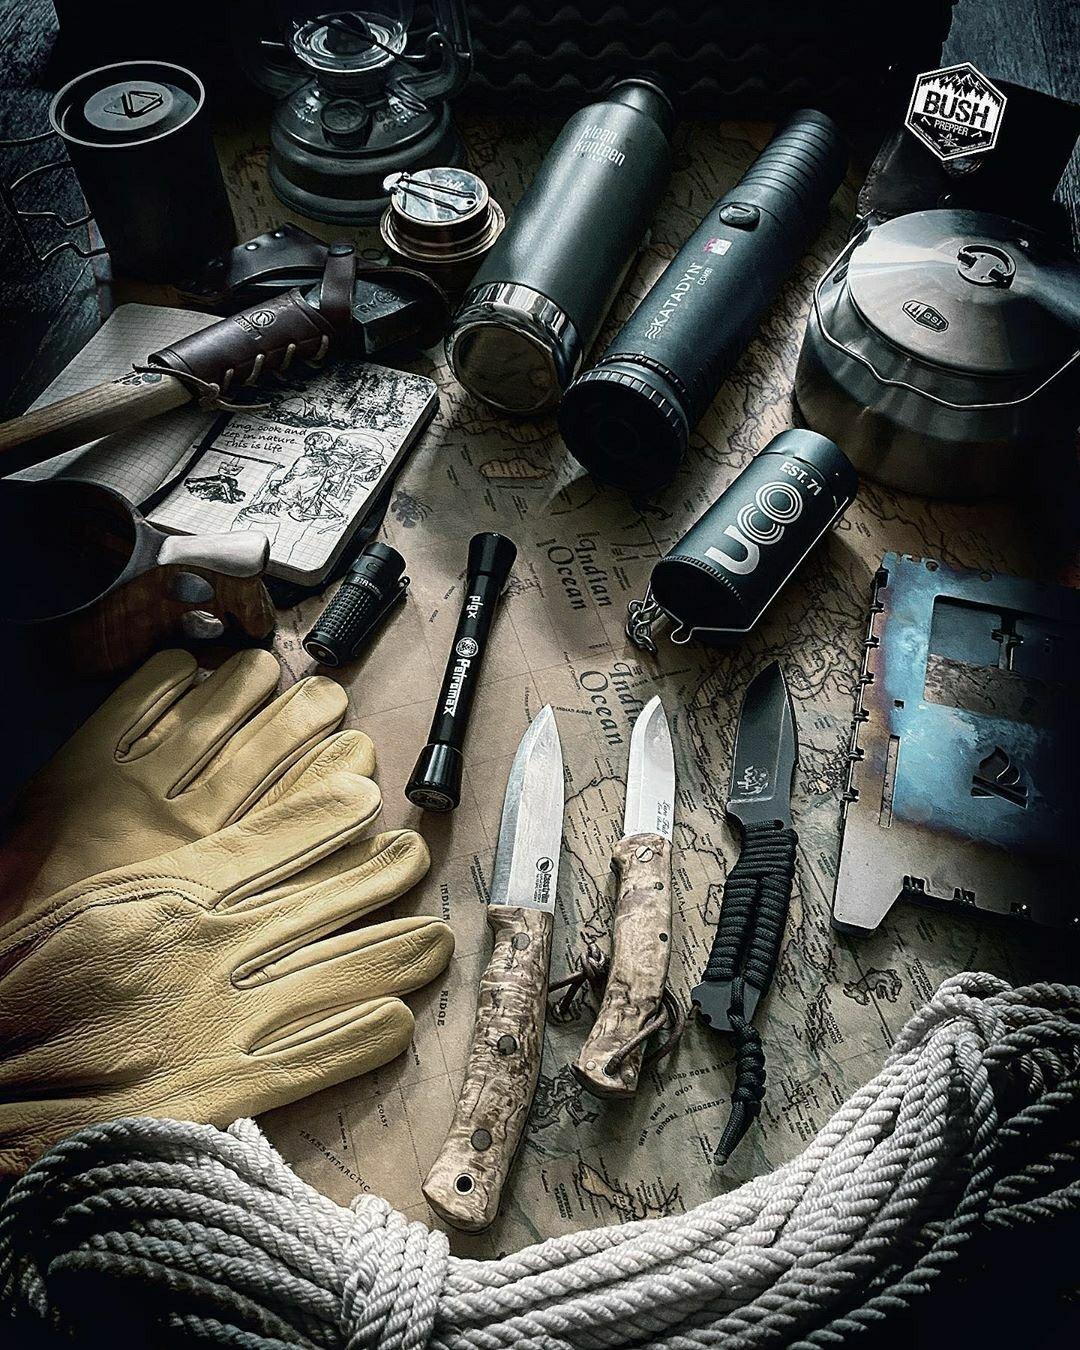 bushcraft supplies